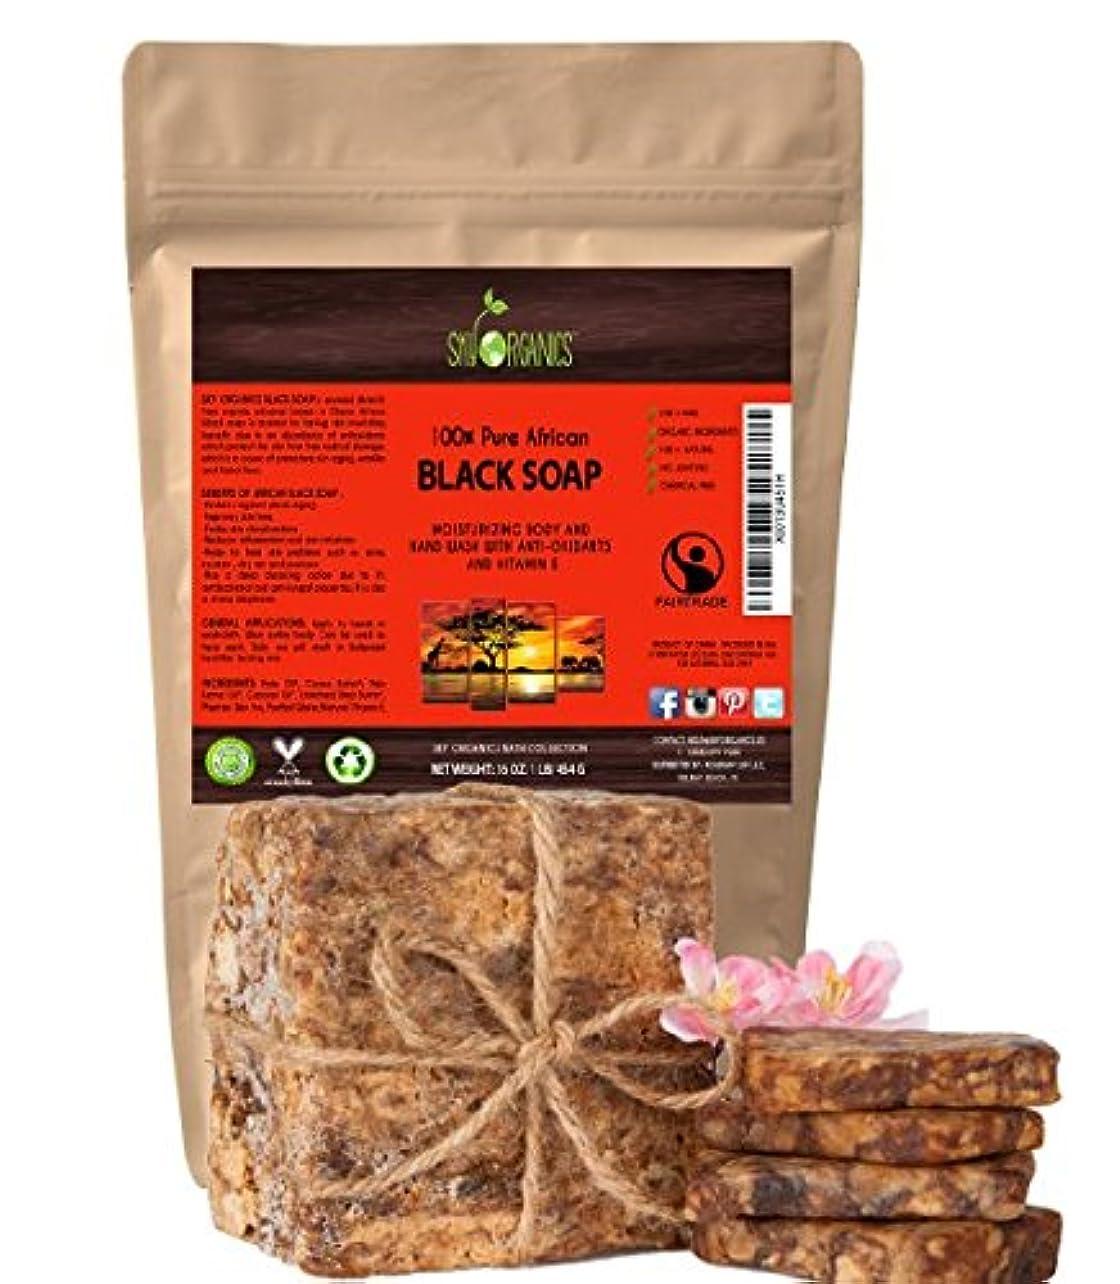 少年甘美な関税切って使う オーガニック アフリカン ブラックソープ (約4563gブロック)Organic African Black Soap (16oz block) - Raw Organic Soap Ideal for Acne...